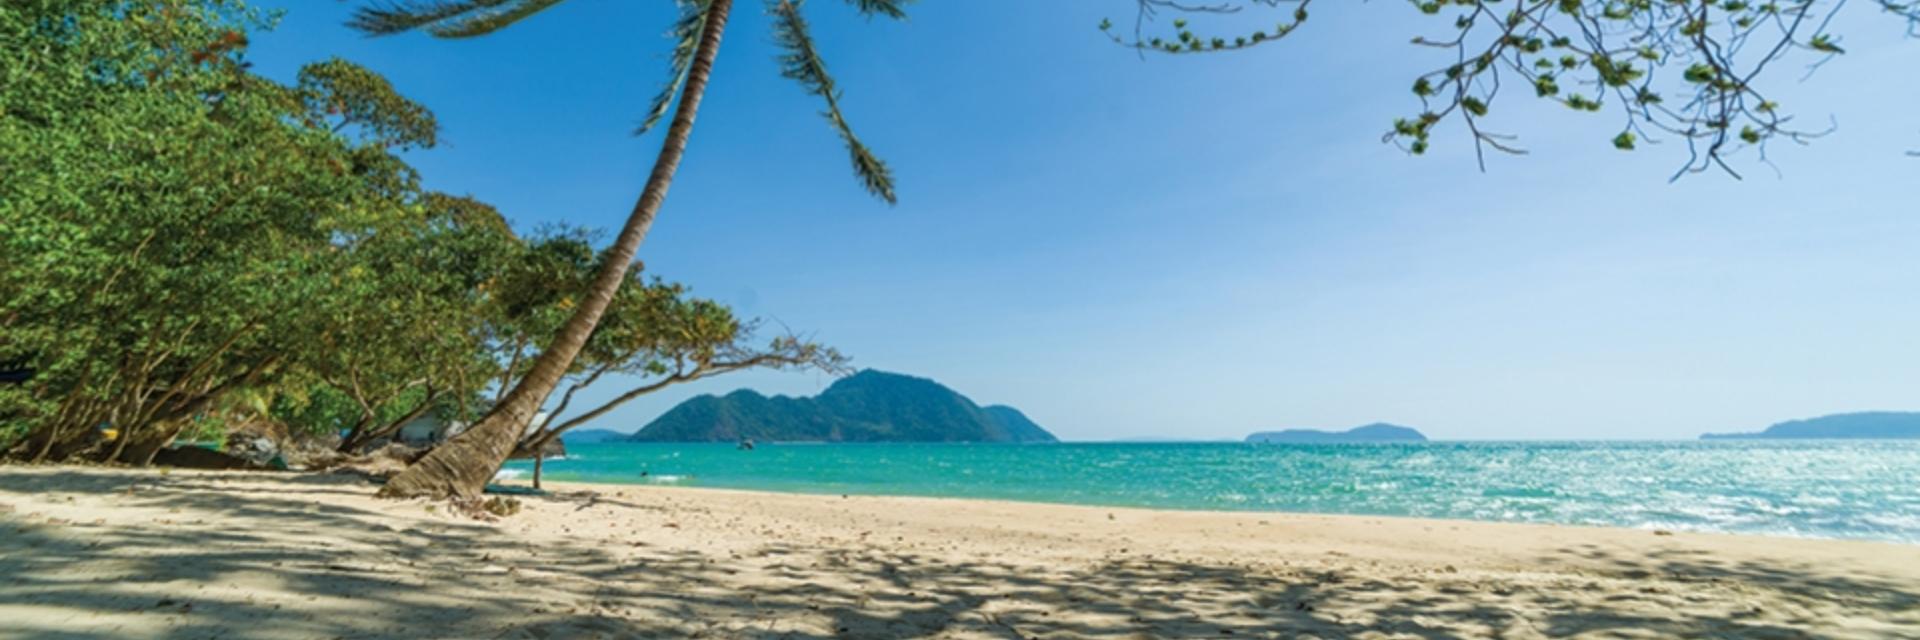 หมู่เกาะสุรินทร์ จ.พังงา สวรรค์แห่งทะเลอันดามัน ร้อนนี้ห้ามพลาด